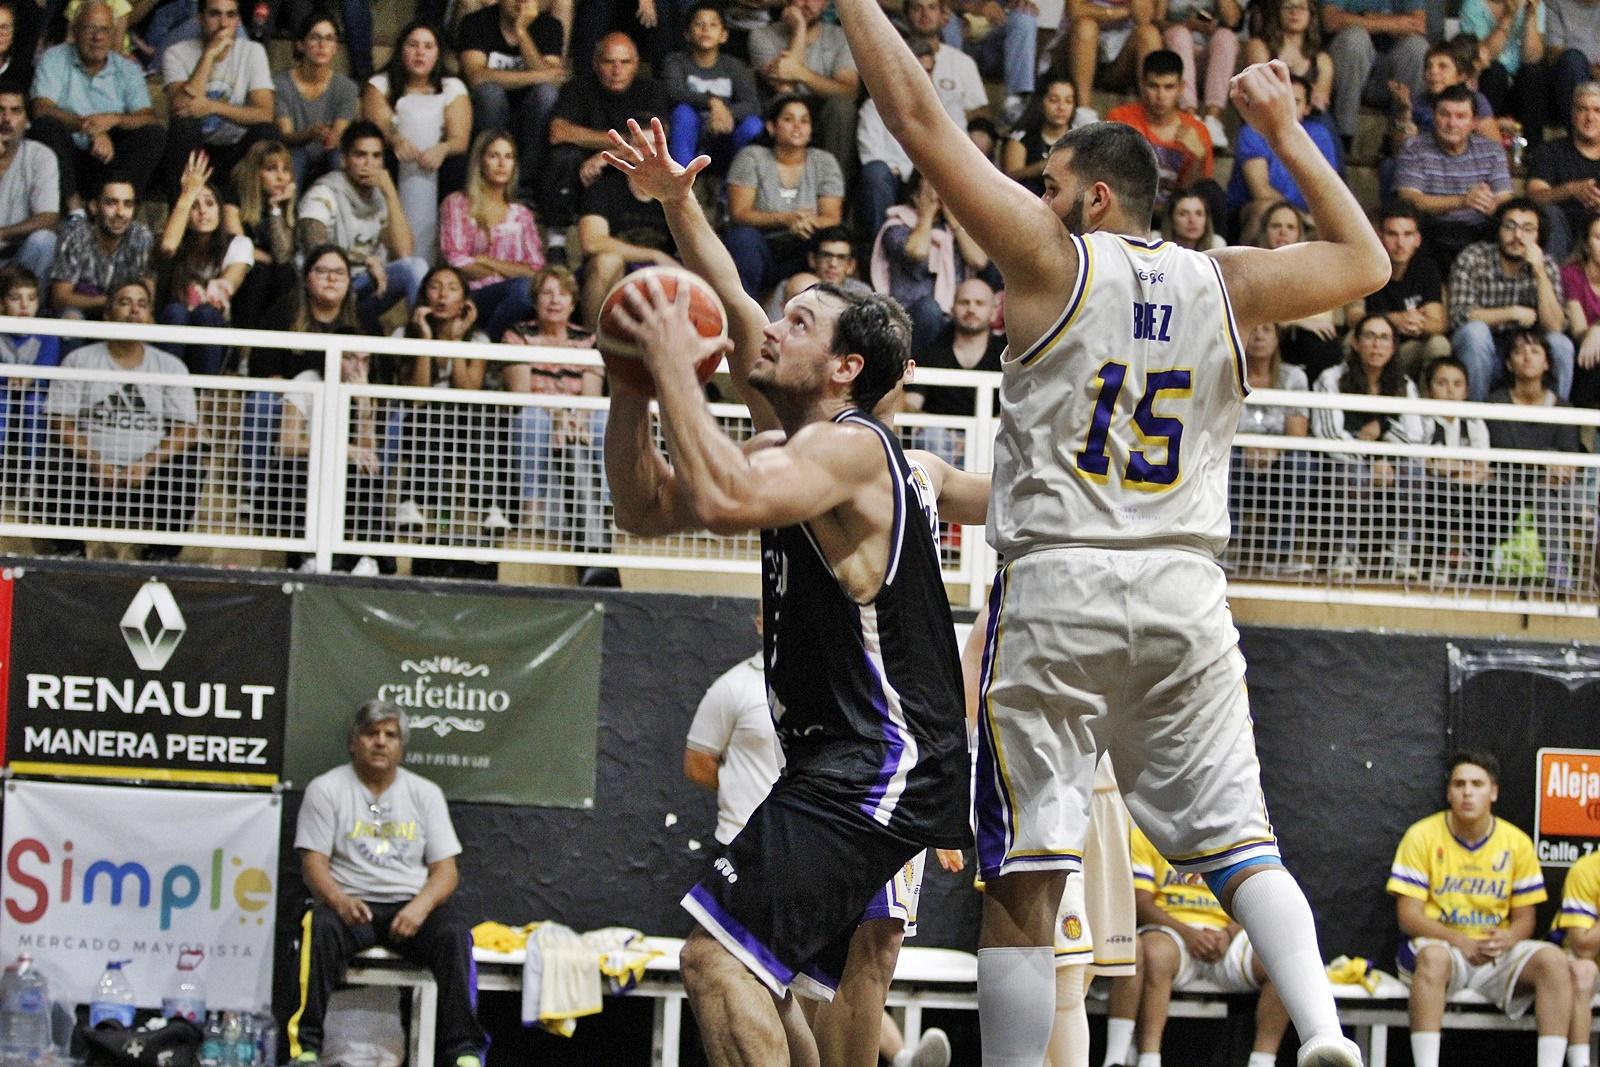 Básquet Federal: Pico recibe a All Boys y Ferro juega su segundo partido en San Juan